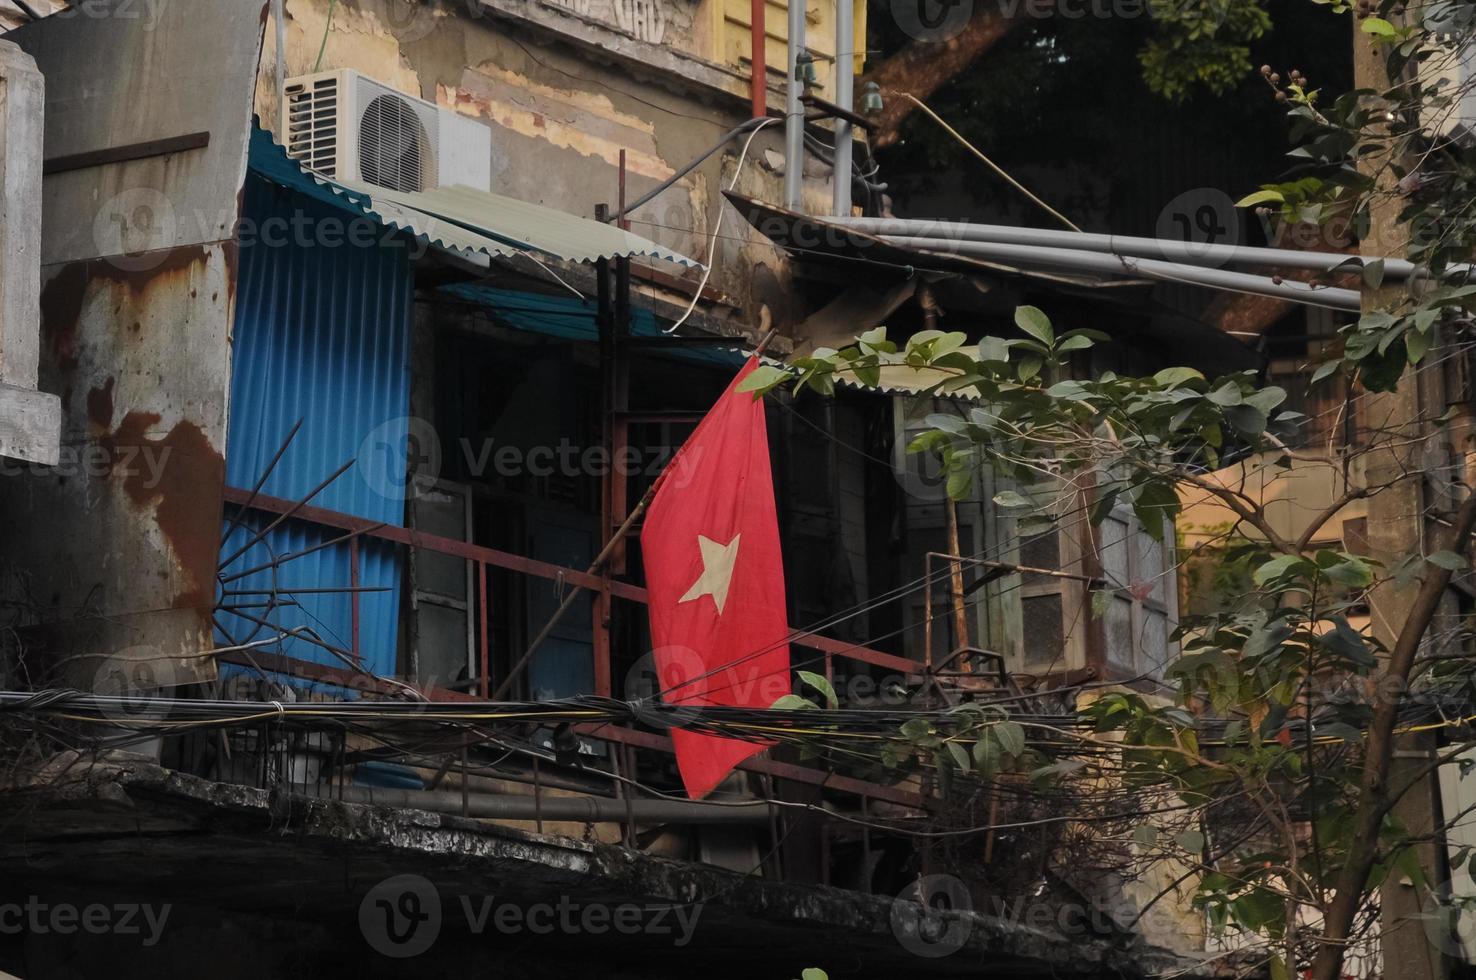 bandiera nazionale del Vietnam e vecchia povera casa a schiera foto